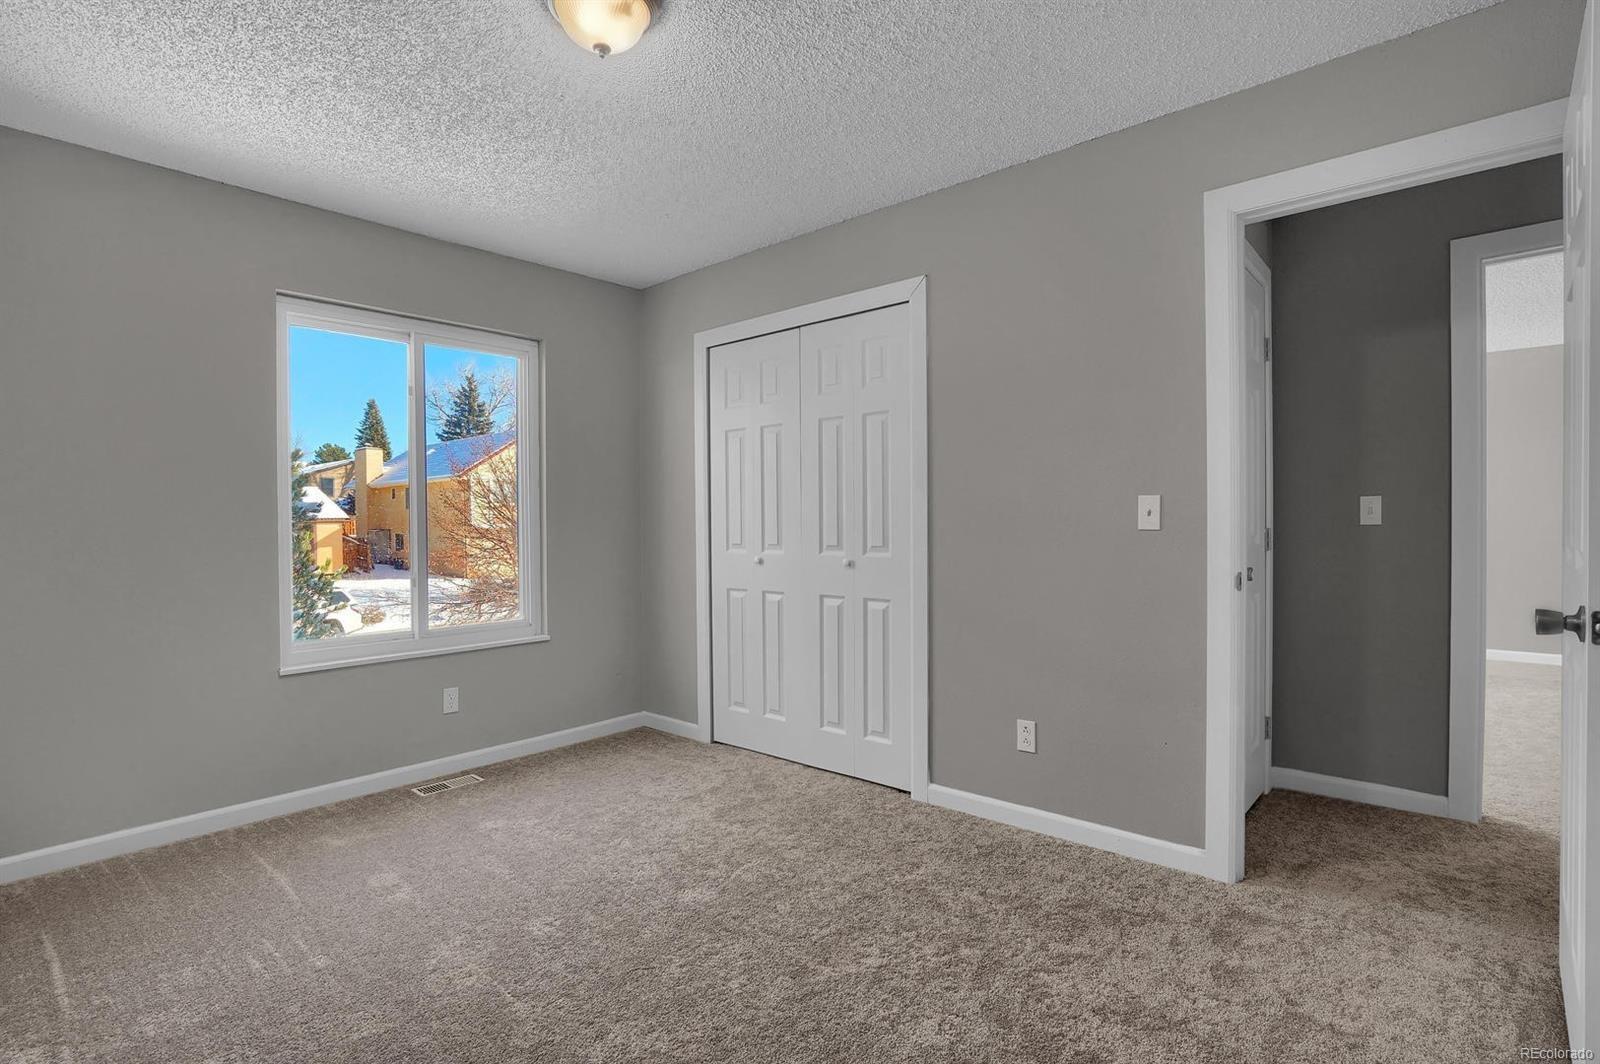 MLS# 3953190 - 38 - 2355 Parliament Drive, Colorado Springs, CO 80920